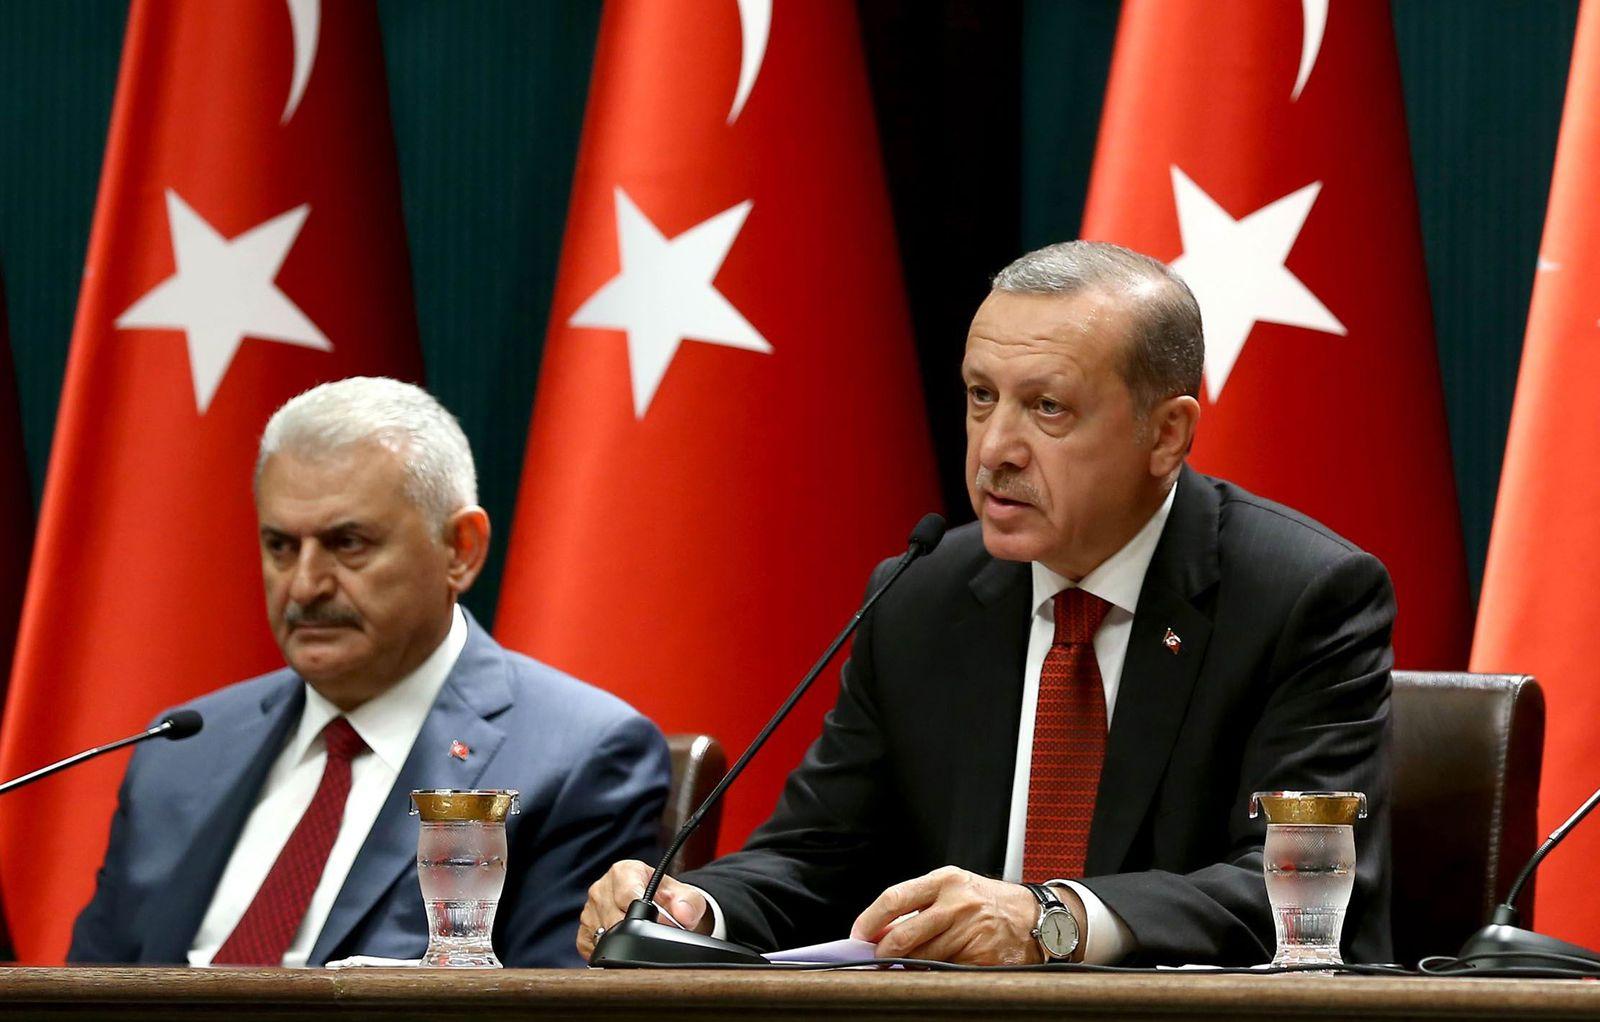 EINMALIGE VERWENDUNG TURKEY-POLITICS Video-Teaser-Bild